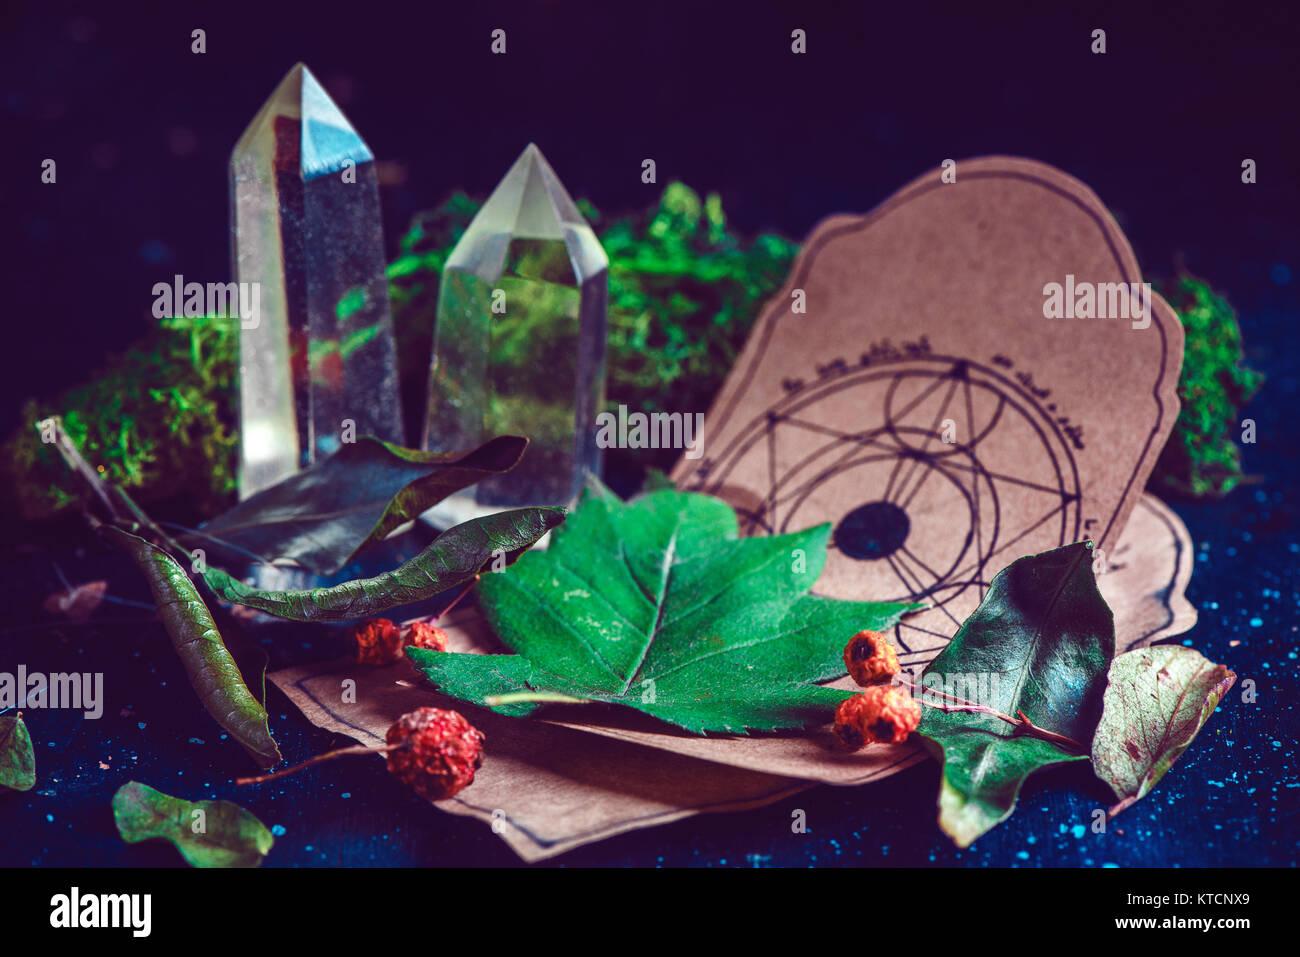 Pentagram dibujo en un pergamino con ingredientes pociones y cristales en un mágico escenario. Moderno concepto Imagen De Stock